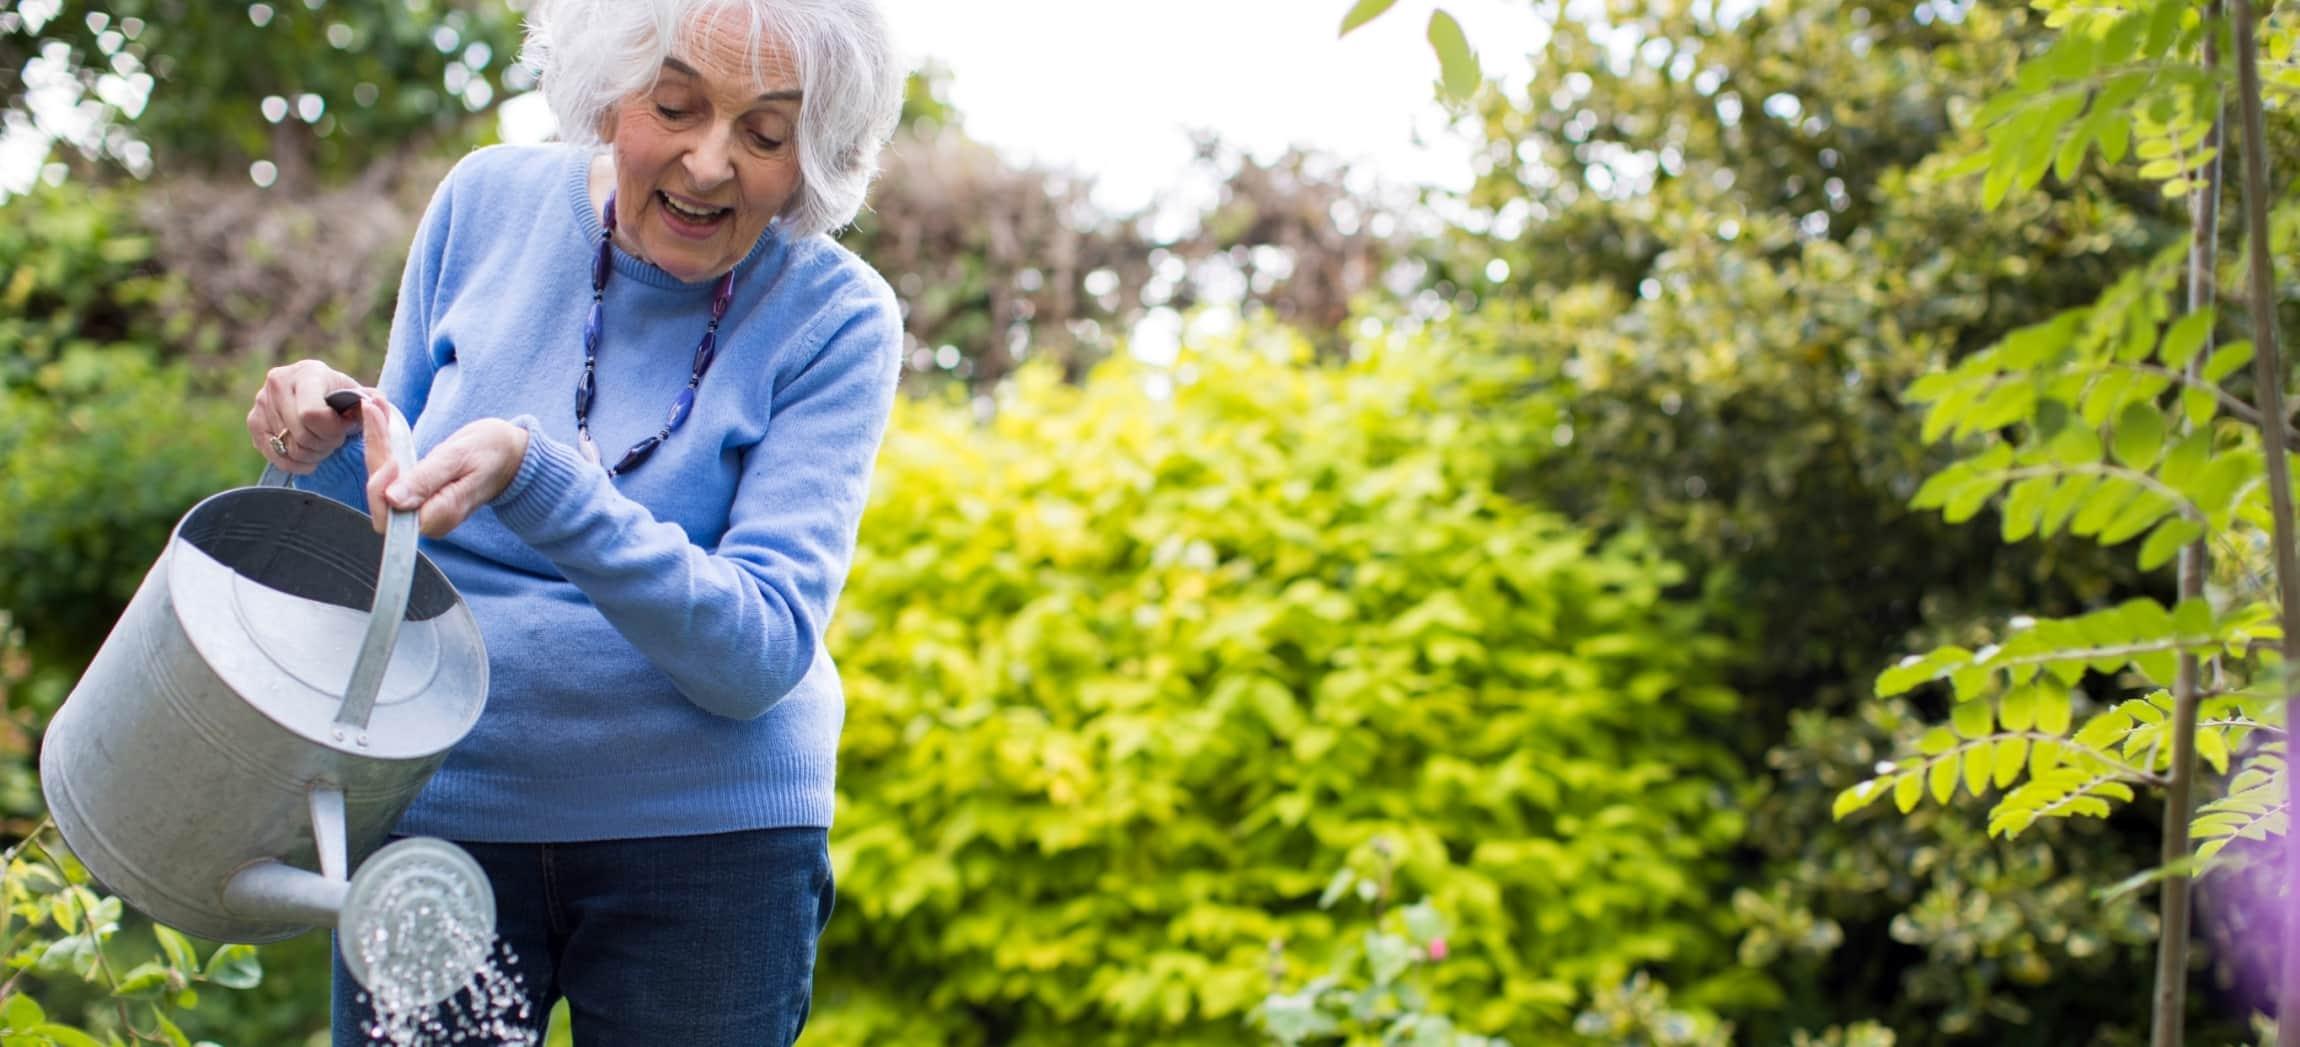 Vrouw geeft planten water met gieter in tuin met groene struiken